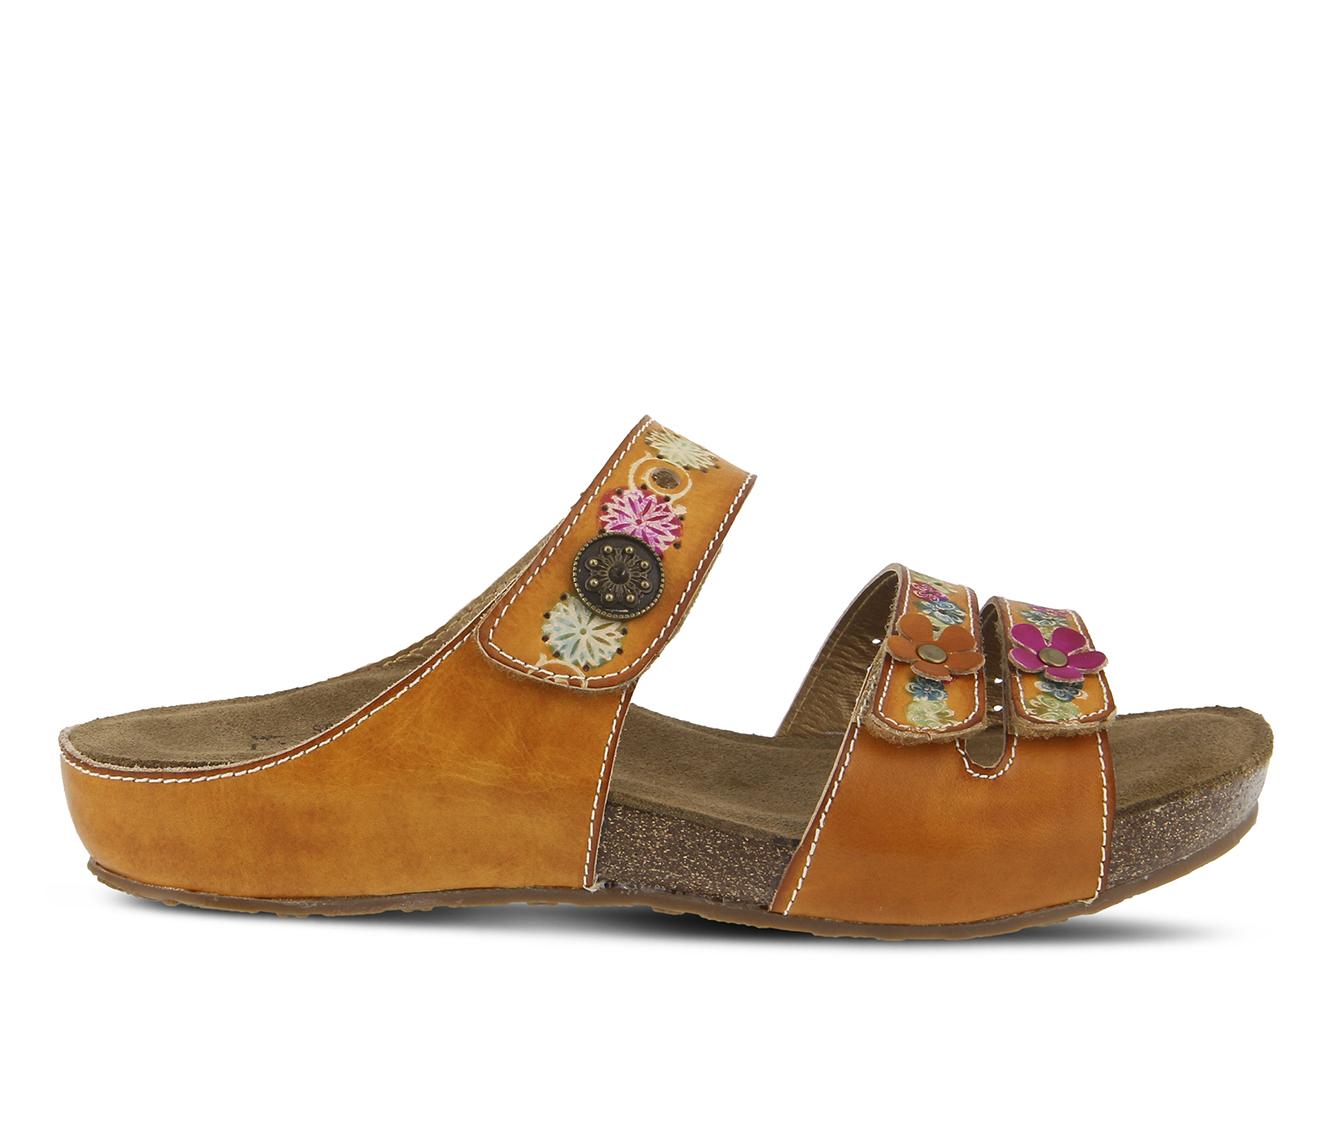 L'Artiste Freesia Women's Sandal (Beige Leather)